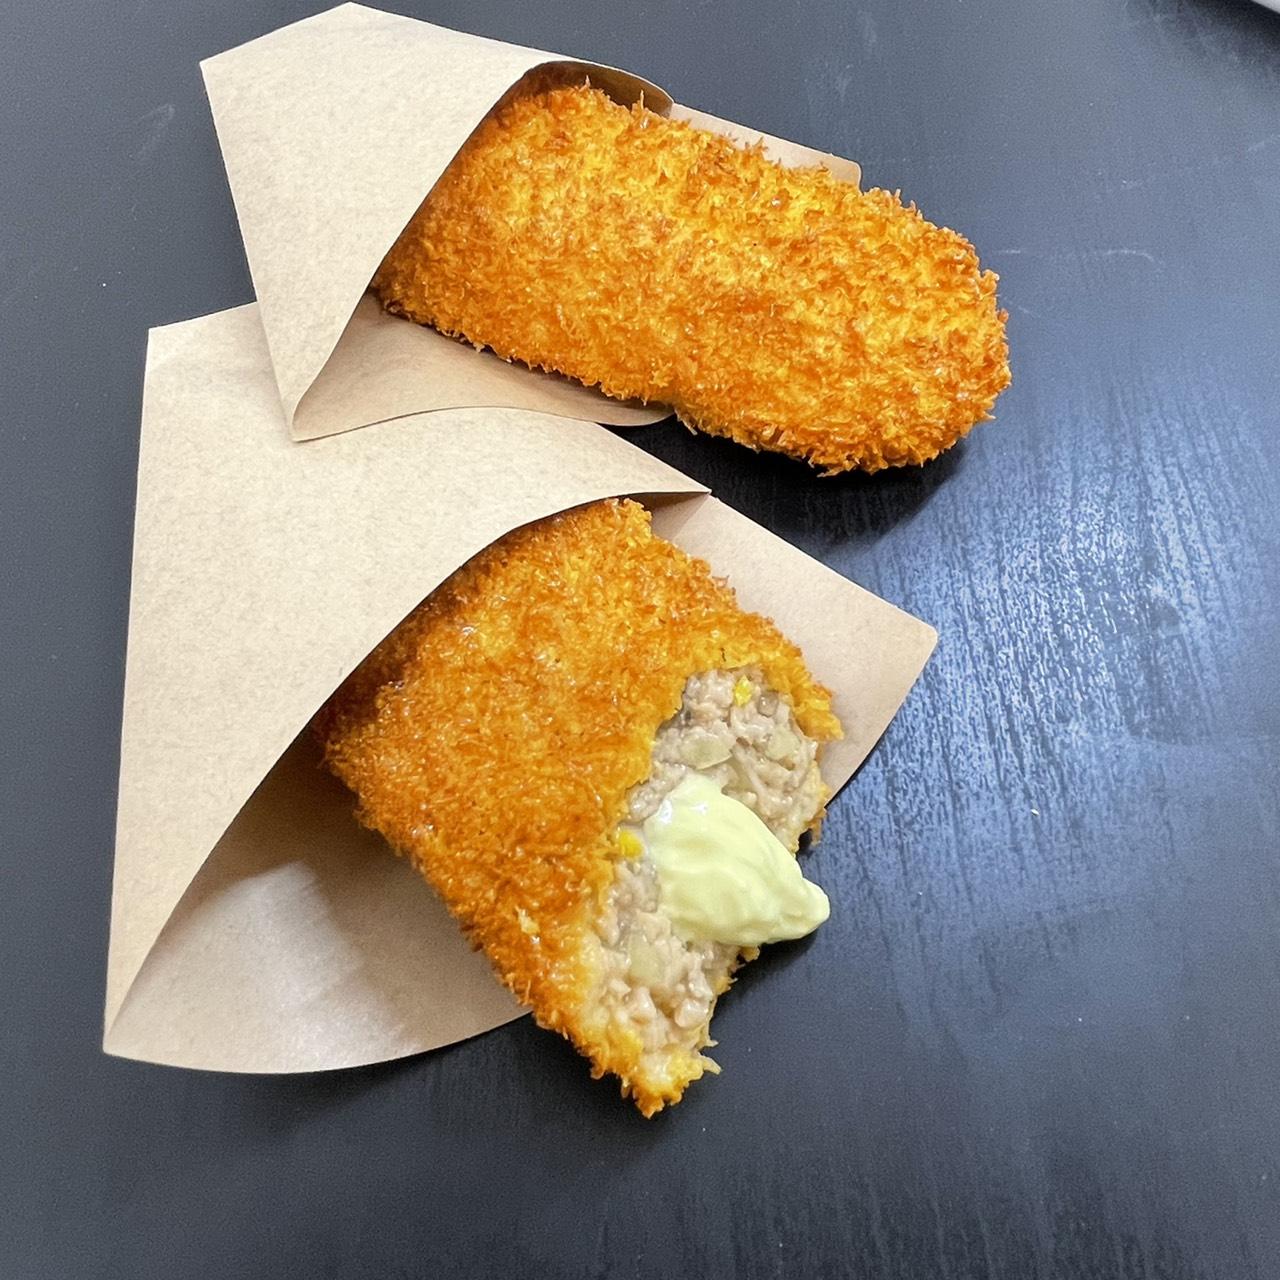 神奈川の生産者さん自慢の美味しいものがズラリ 小田原市に「精肉工場直売所・湘南メンチ」がオープン